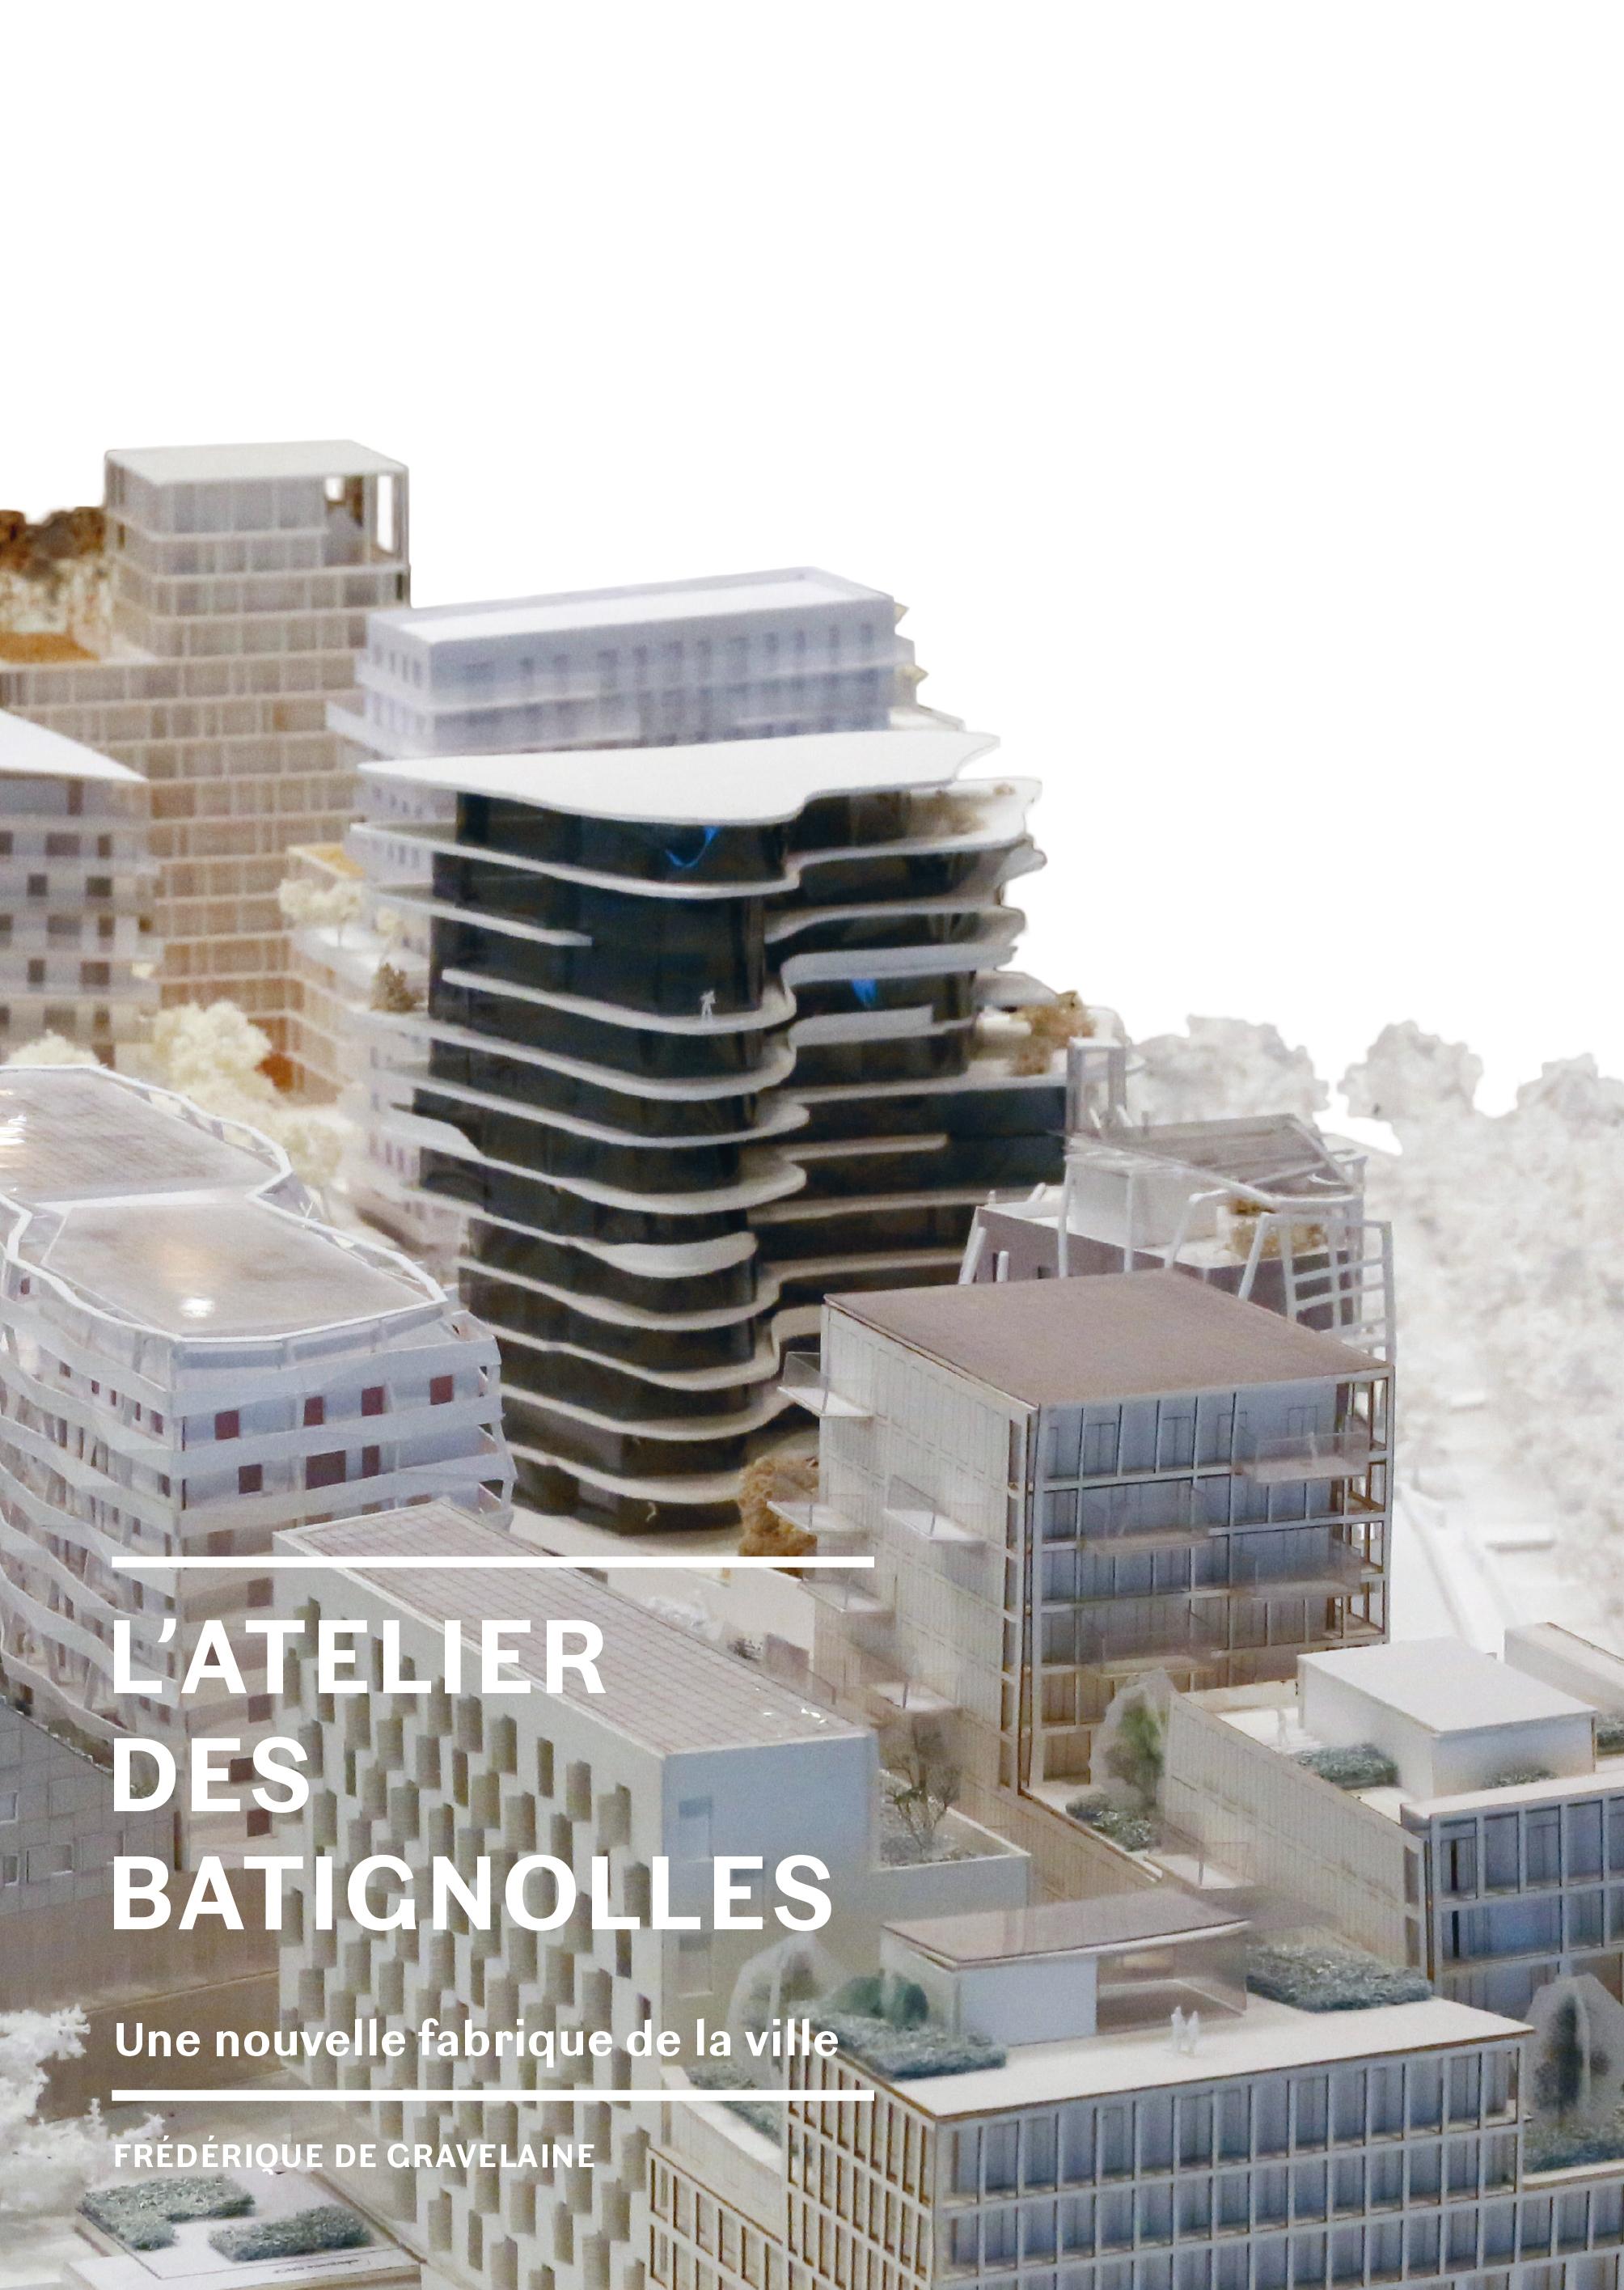 L'ATELIER DES BATIGNOLLES